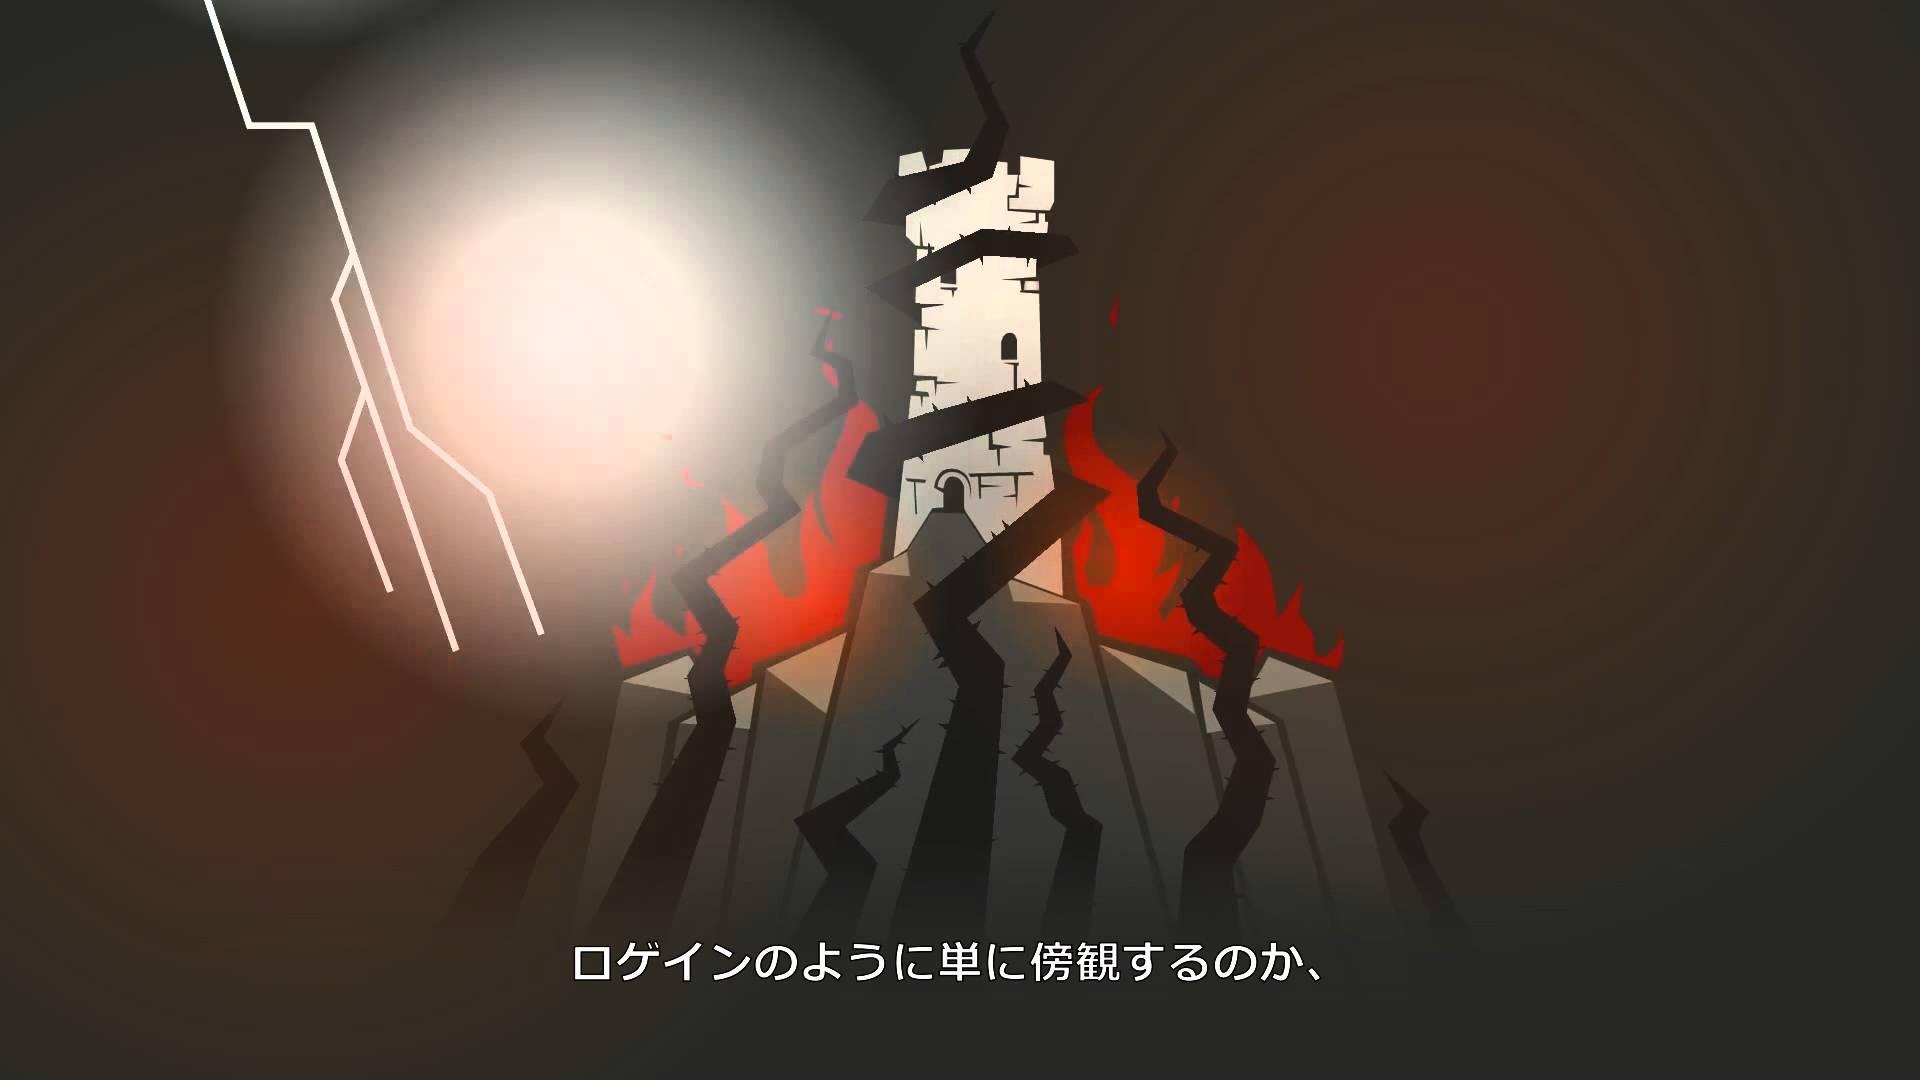 『ドラゴンエイジキープ』日本版オープンベータが開始―『インクイジション』で実際に楽しめるストーリー作成アプリ